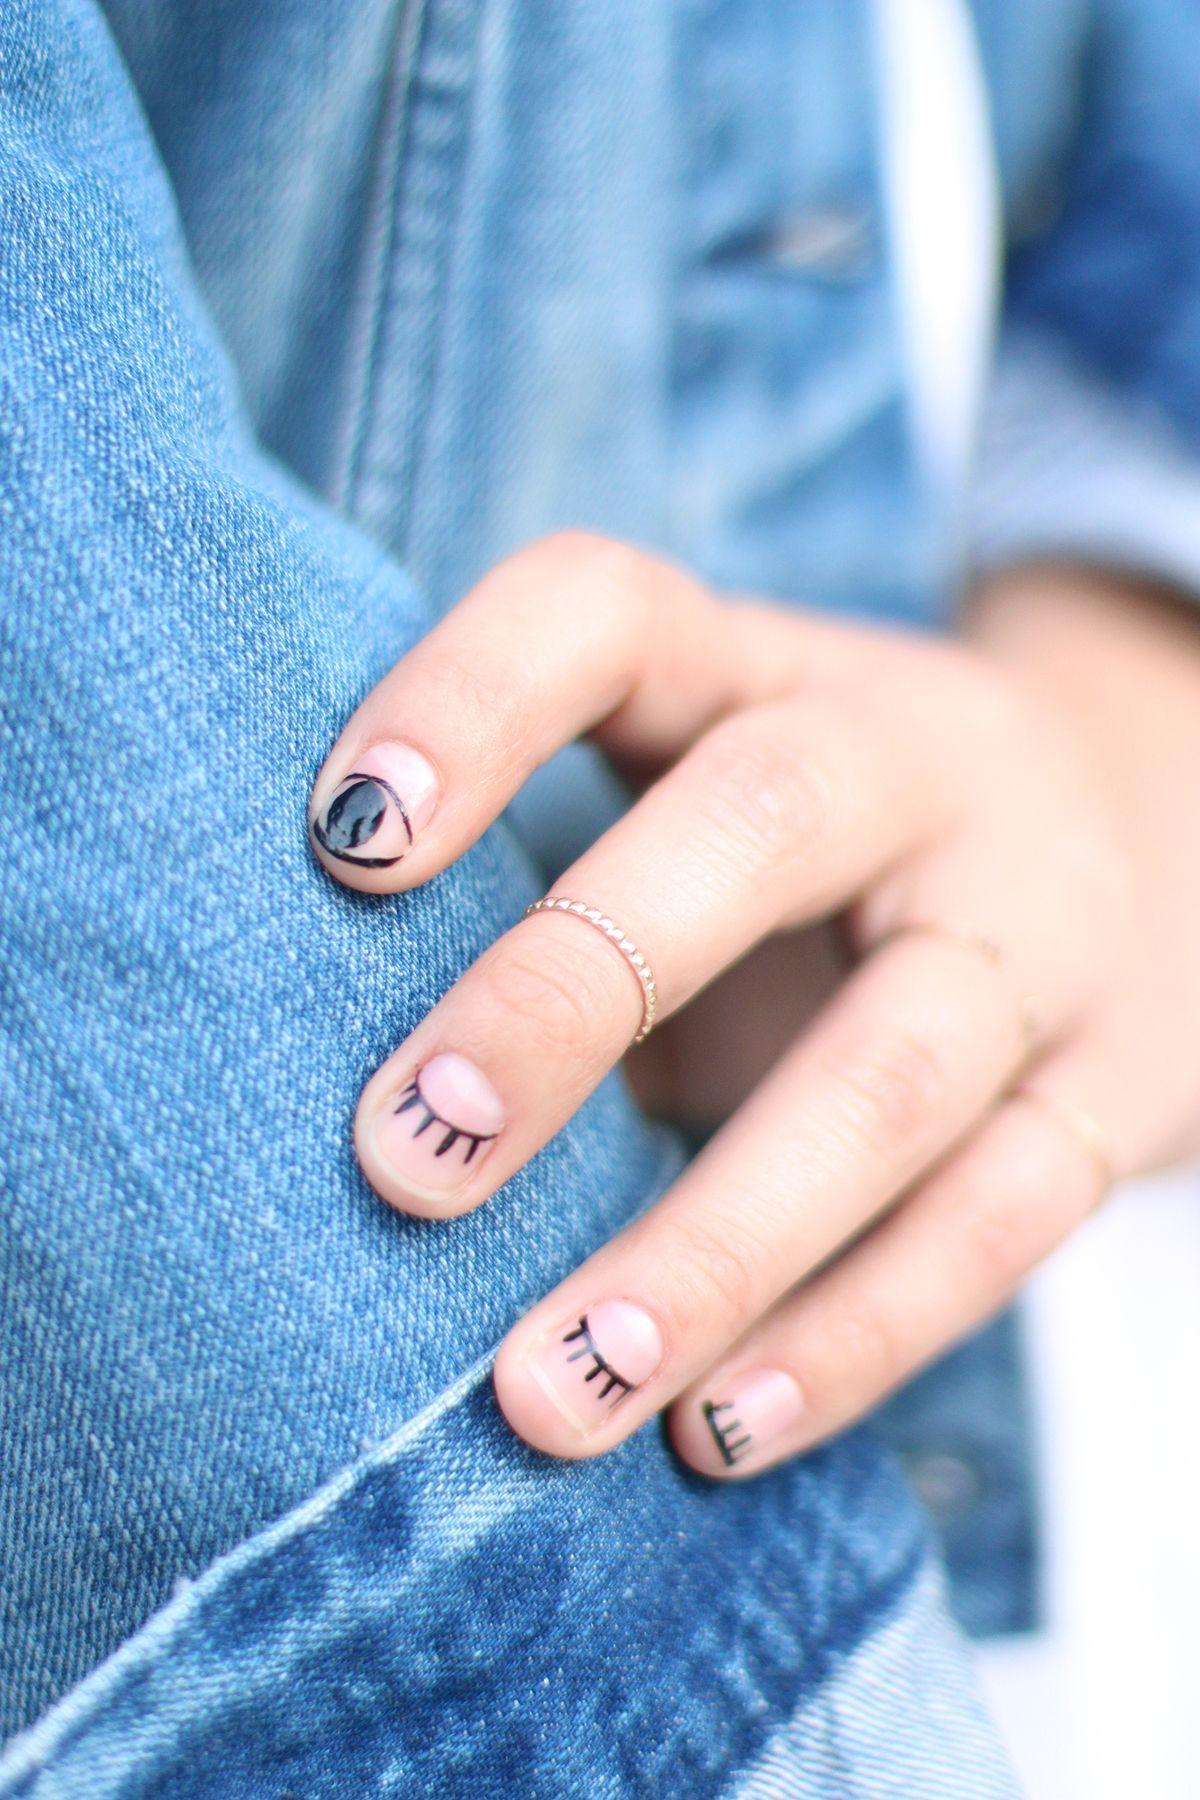 DIY Eyelash Nail Art | Makeup, Manicure and Nail inspo